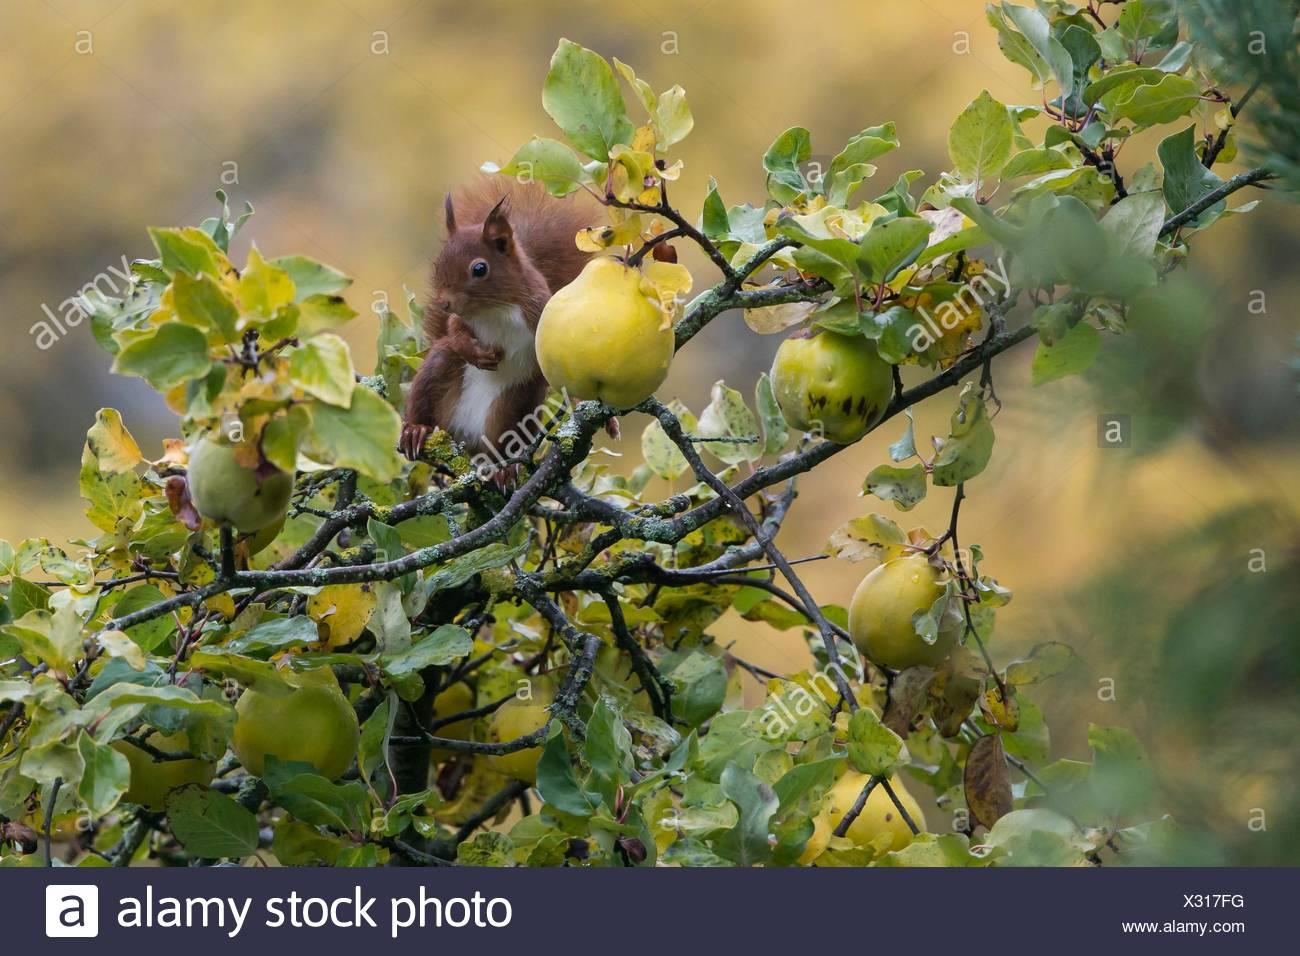 Eichhörnchen (Sciurus Vulgaris), In einem Quitte Baum (Cydonia Vulgaris) inautumn in einem Landschaftsgarten, Lothringen, Frankreich Stockbild